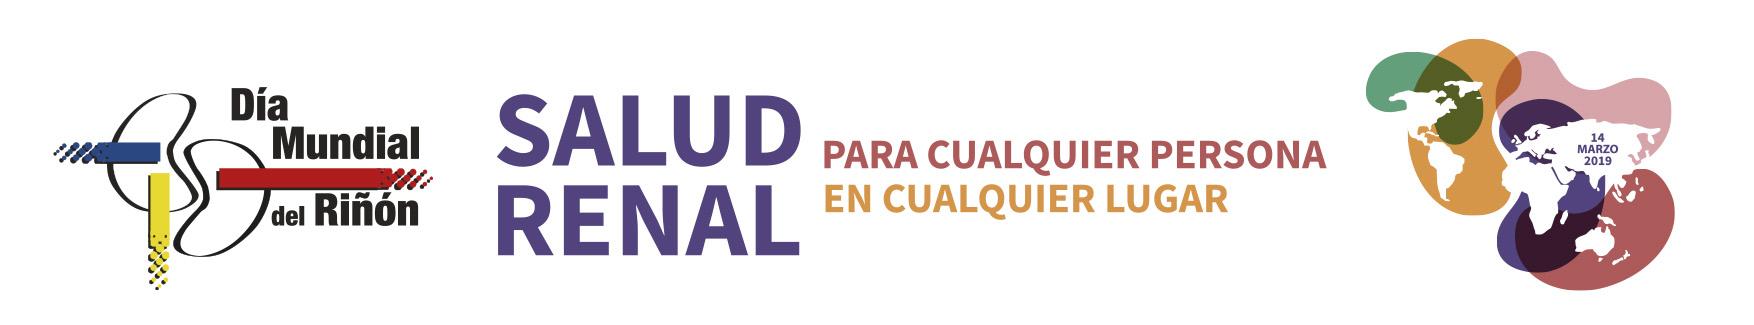 La ministra de Sanidad, María Luisa Carcedo, preside mañana la Jornada Institucional con motivo del Día Mundial del Riñón 2019